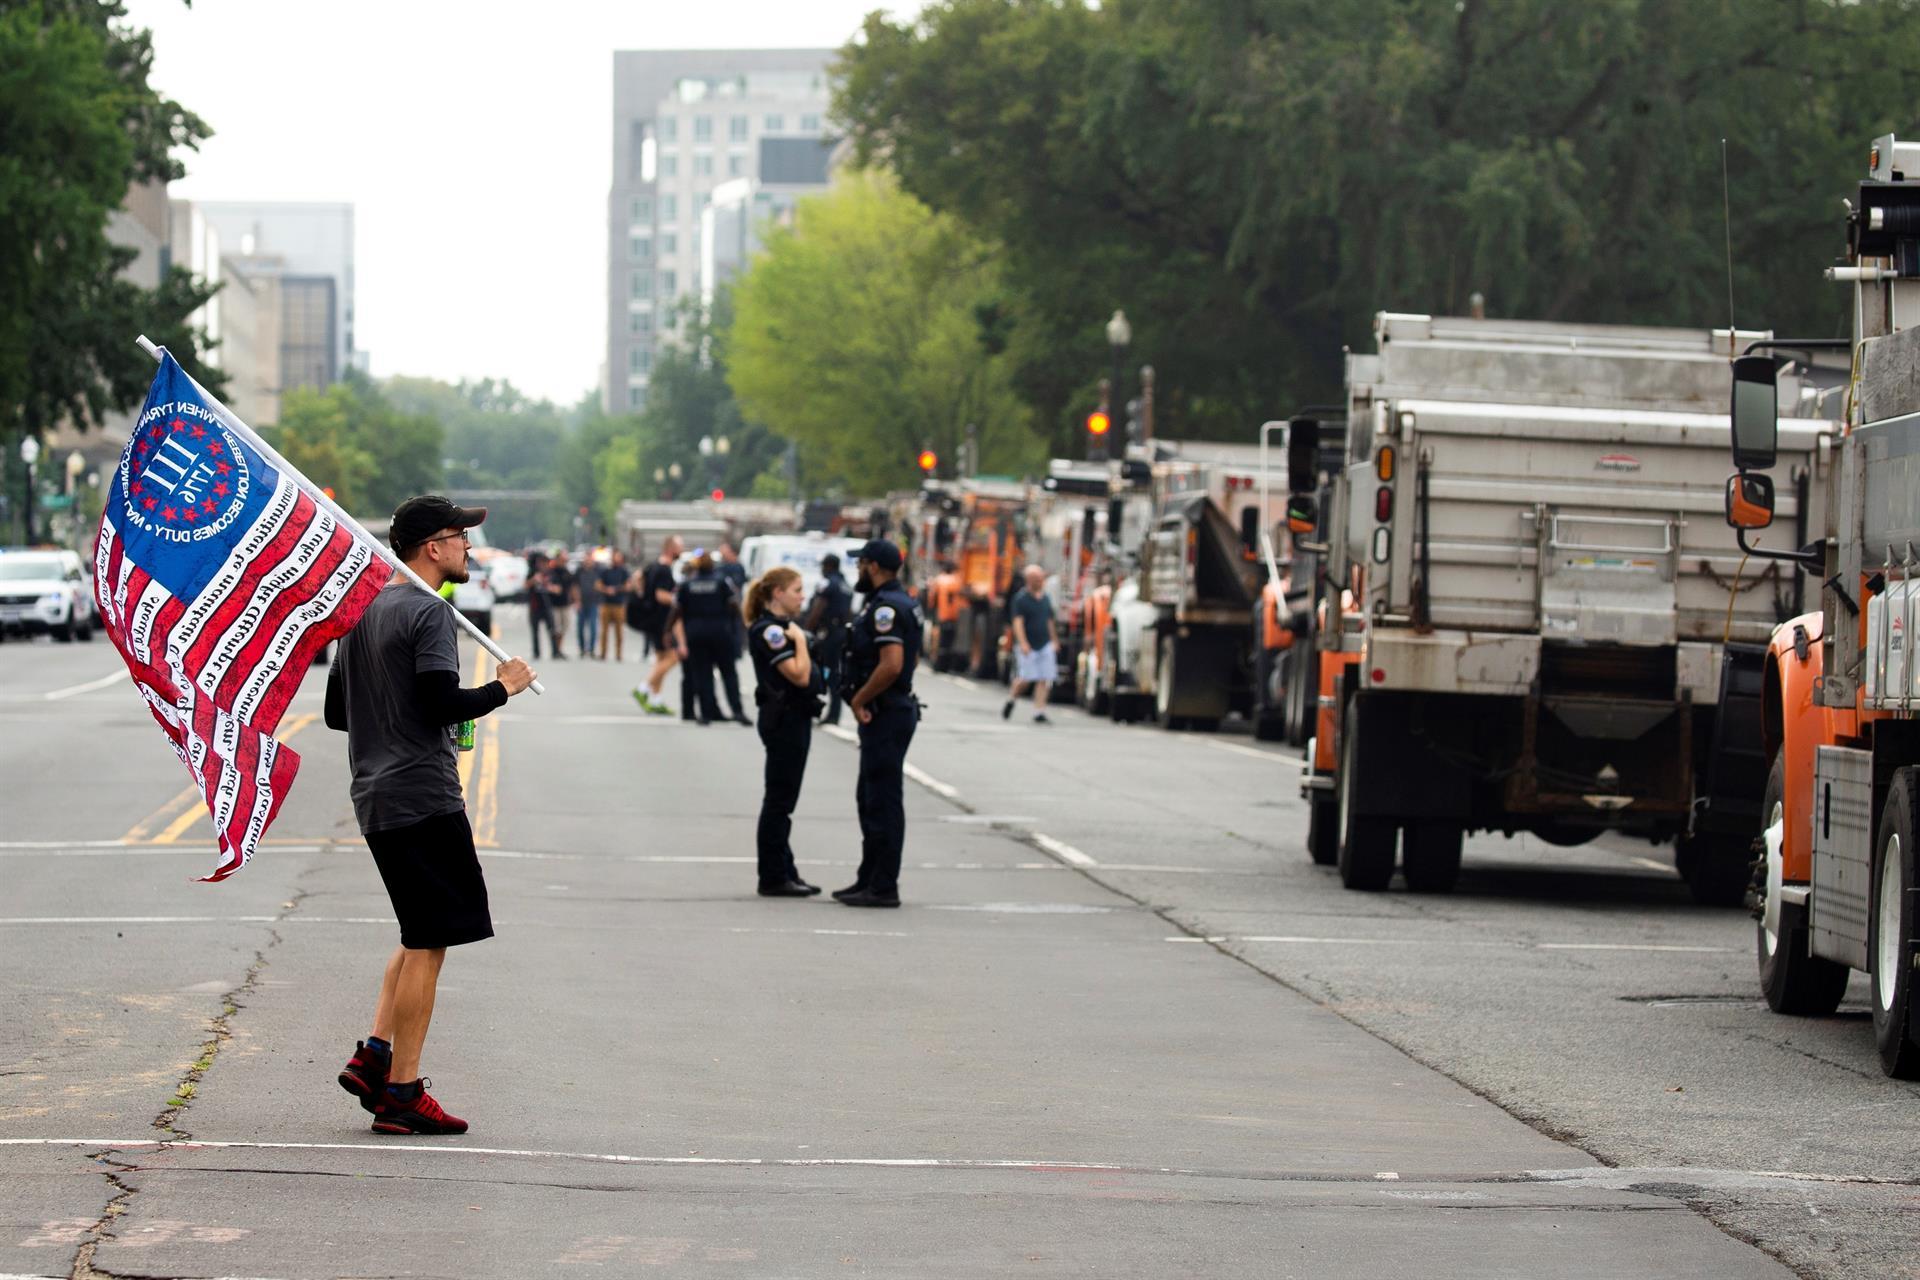 Marcha ultraderechista en DC: manifestantes se reunieron cerca del Capitolio; hay 4 arrestados